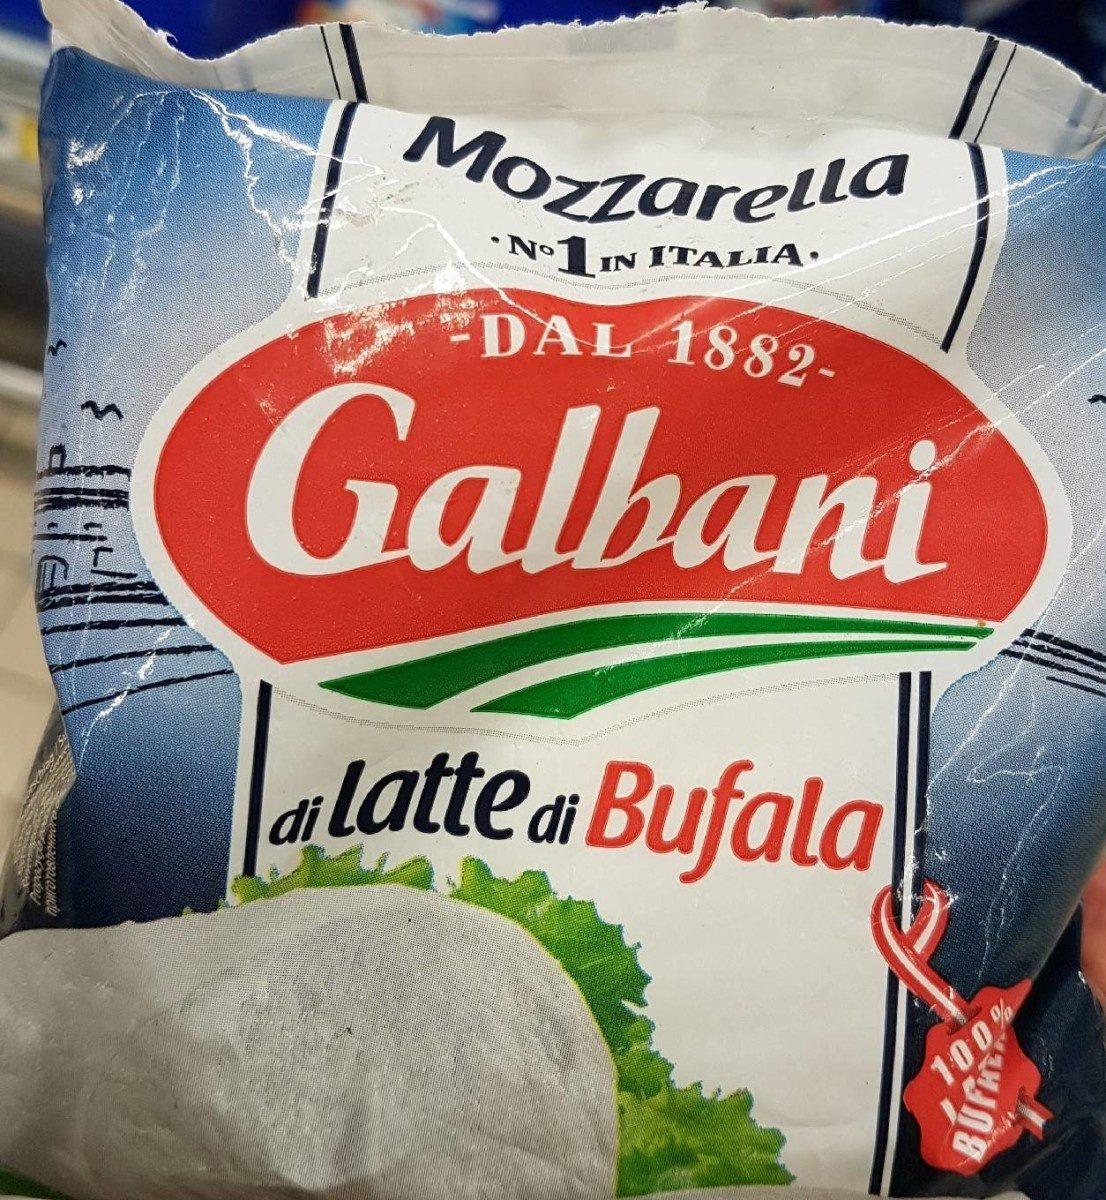 Mozzarella di latte di bufala - Продукт